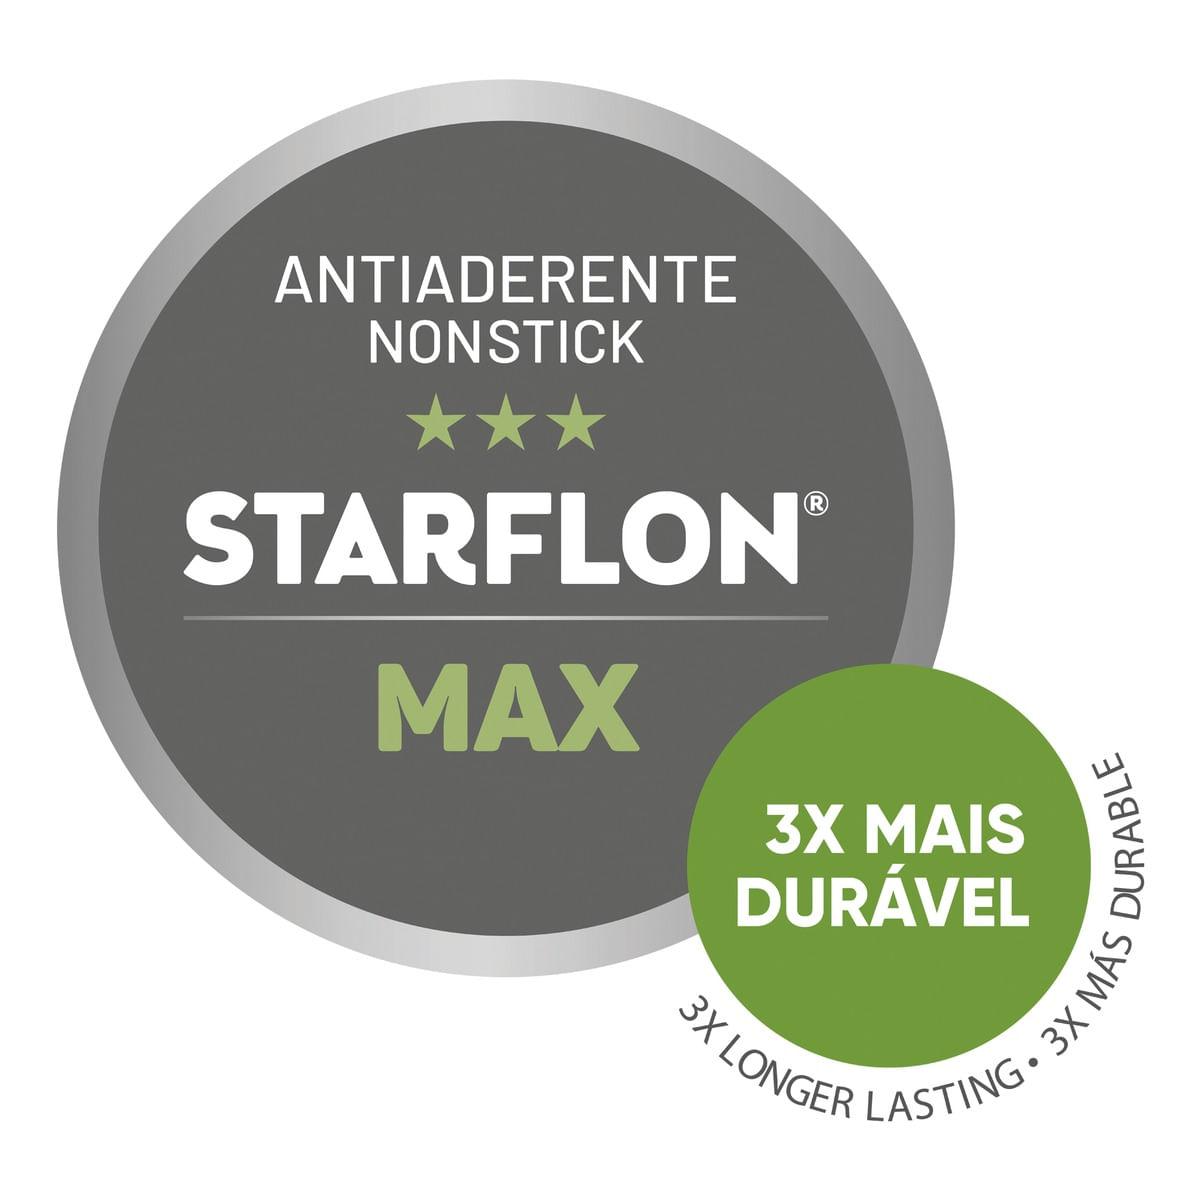 Jogo de Panelas Tramontina Coimbra 5 Peças Vermelha em Alumínio Antiaderente Starflon Max